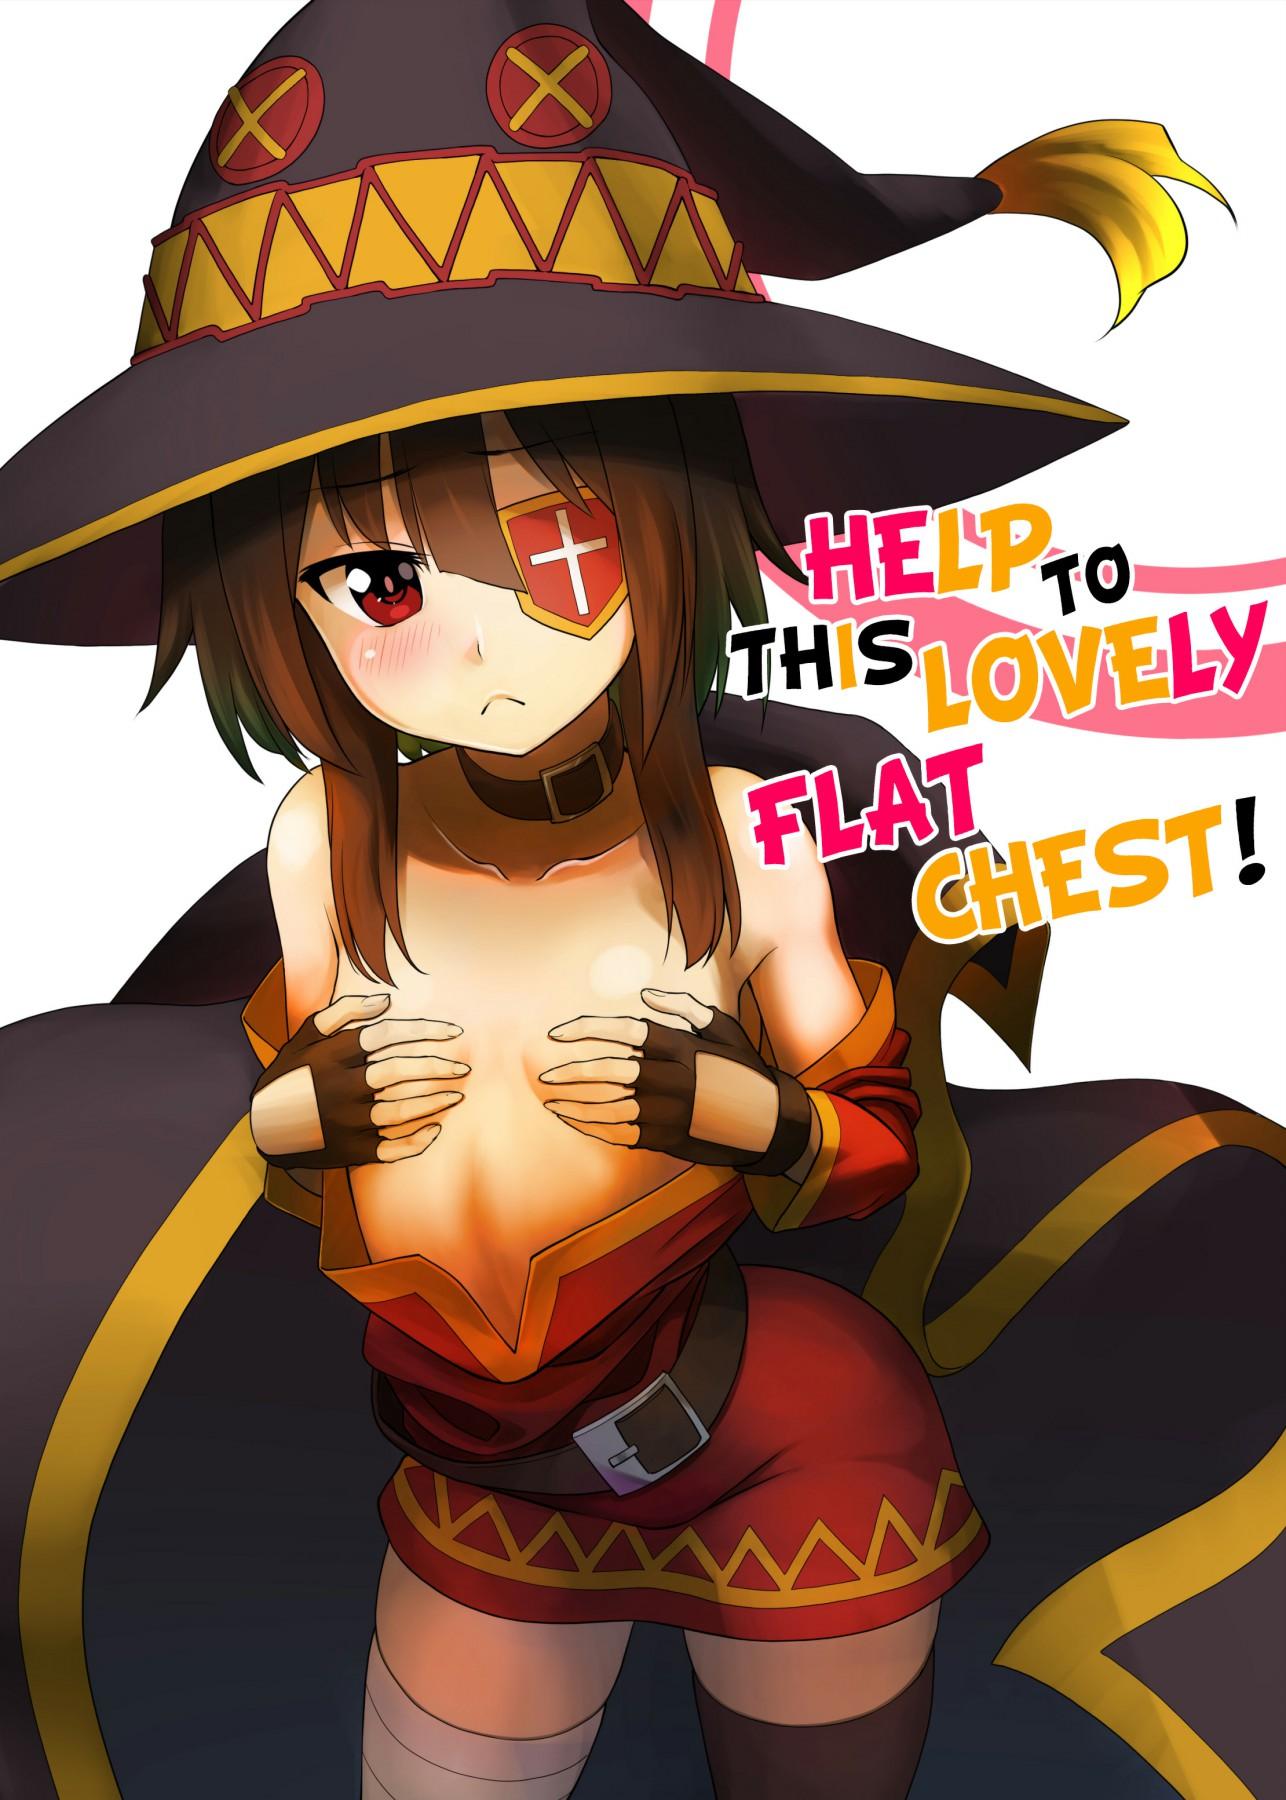 Kono Kawairashii Hinnyu ni Kyuusai o!